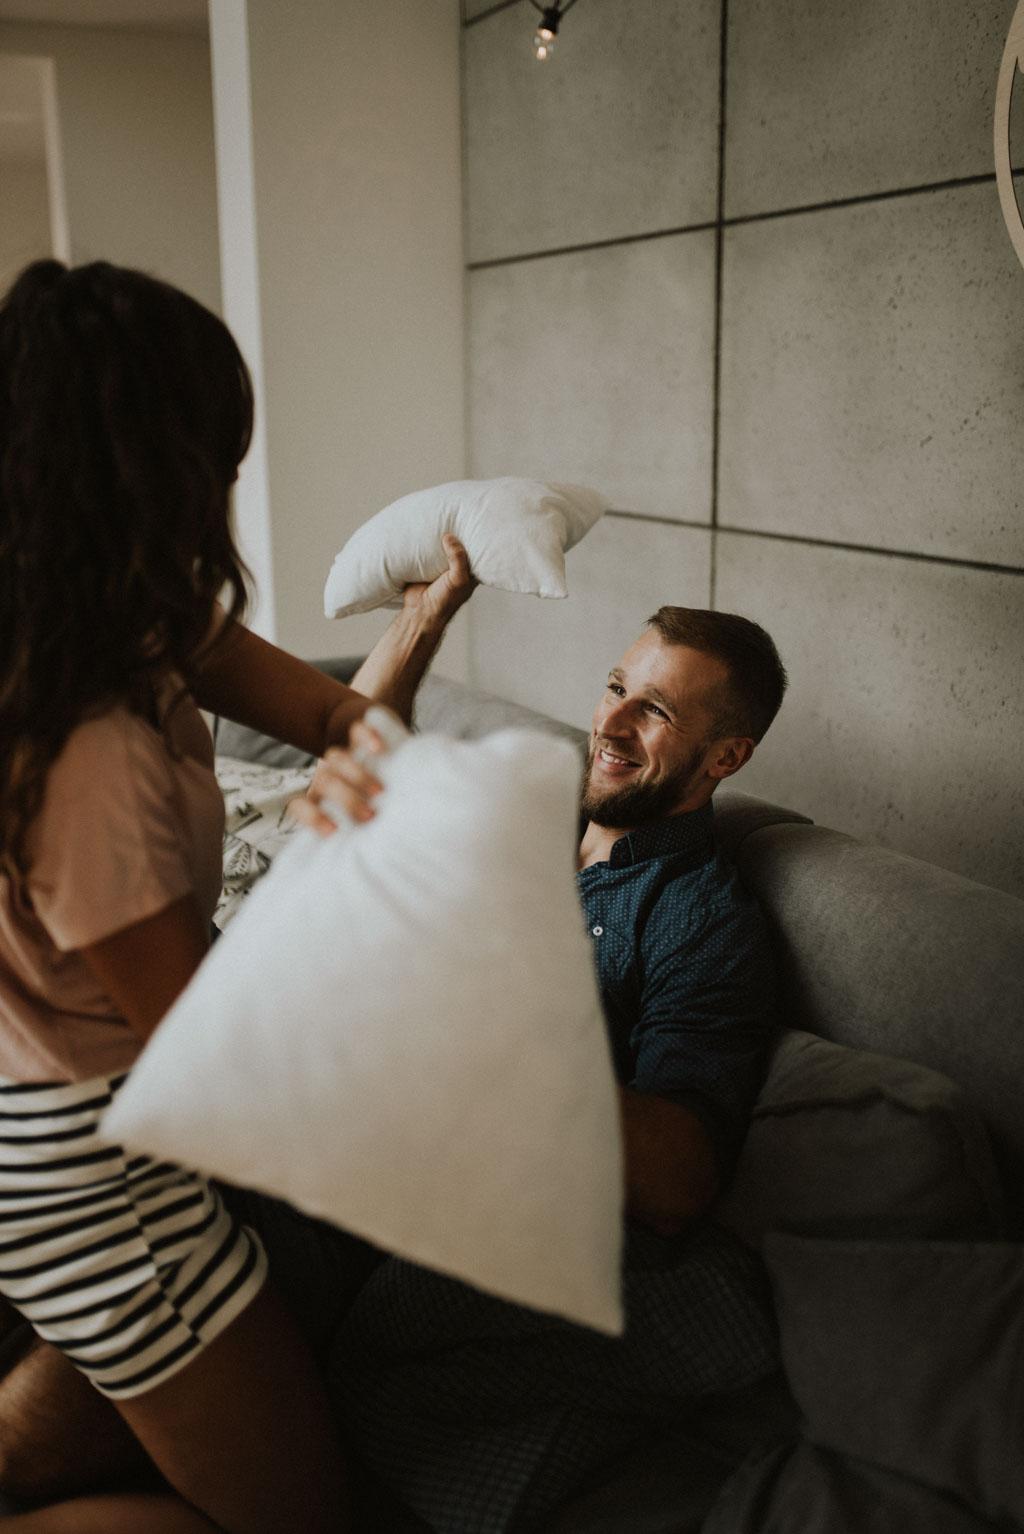 sesja narzeczeńska przedślubna w domu na kanapie zdjęcia pary bitwa na poduszki